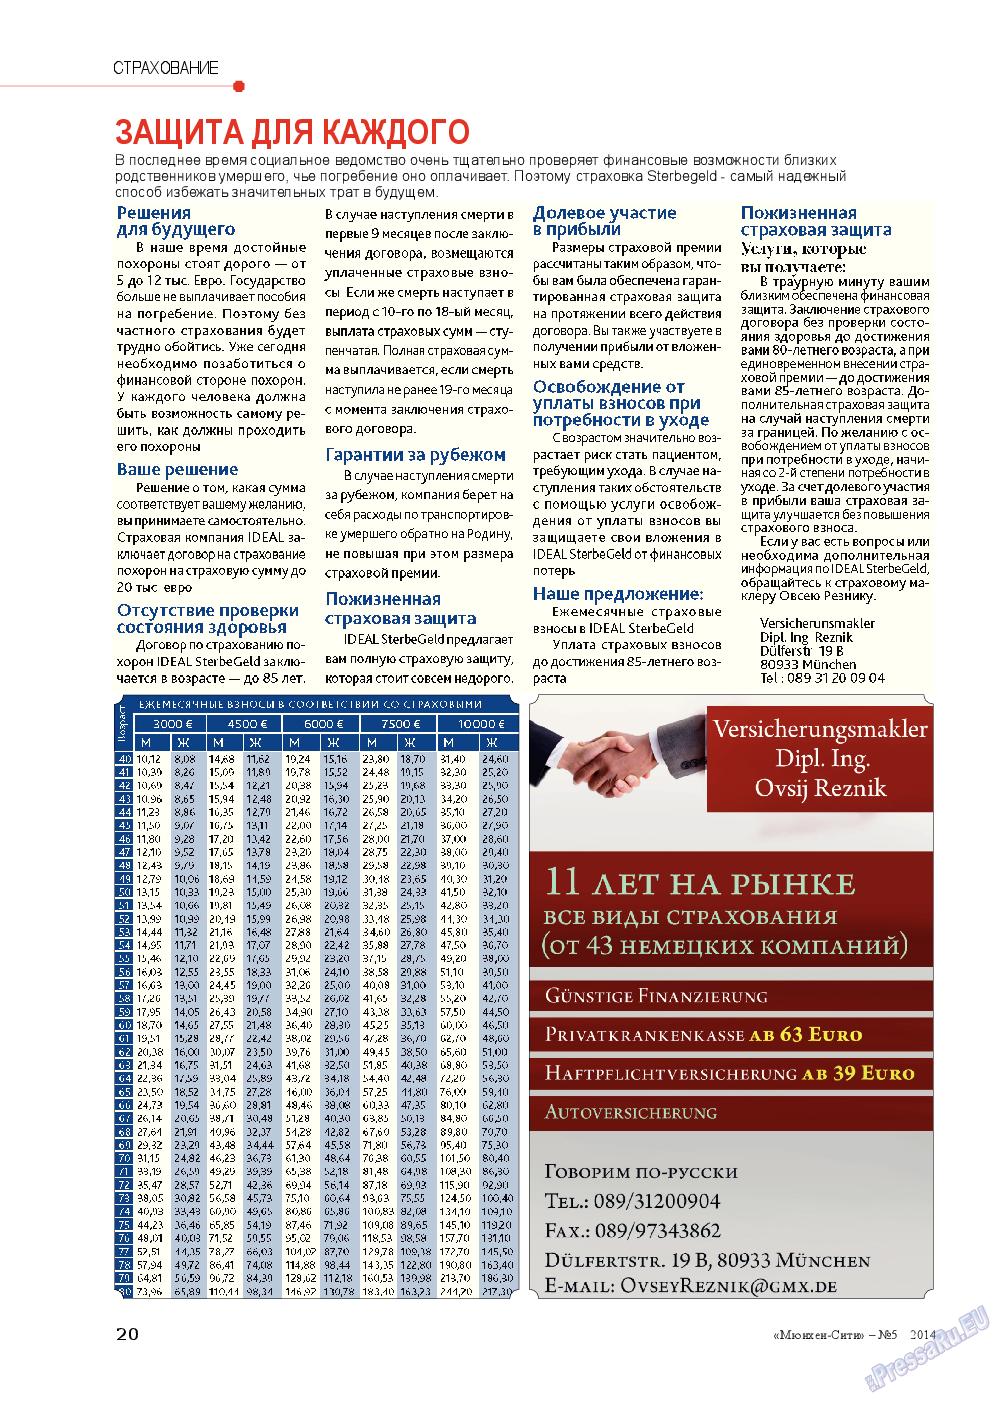 Мюнхен-сити (журнал). 2014 год, номер 5, стр. 20